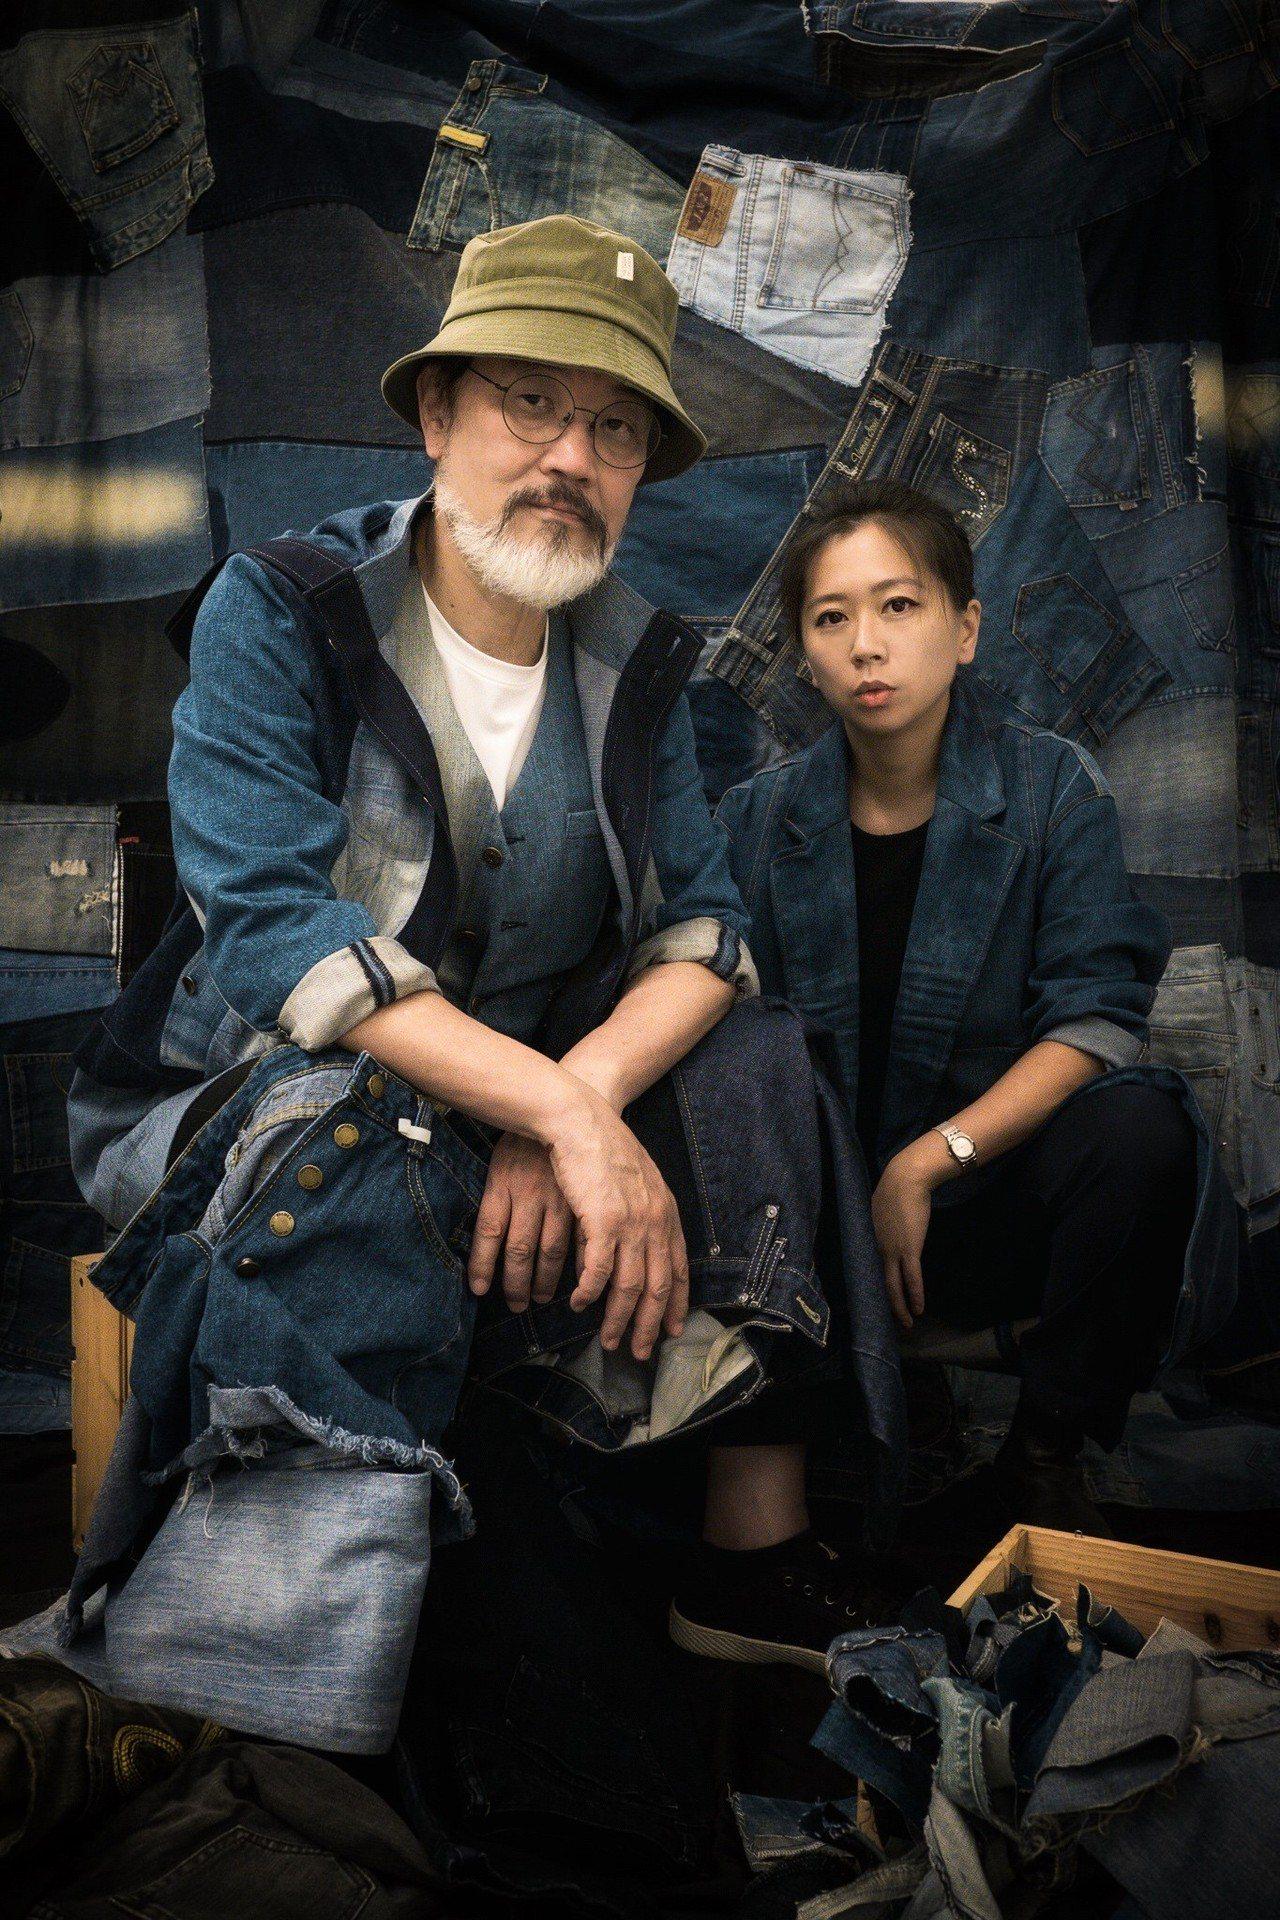 林經甫(左)支持年輕品牌Story Wear的「再生衣」環保概念,穿起牛仔當起時...